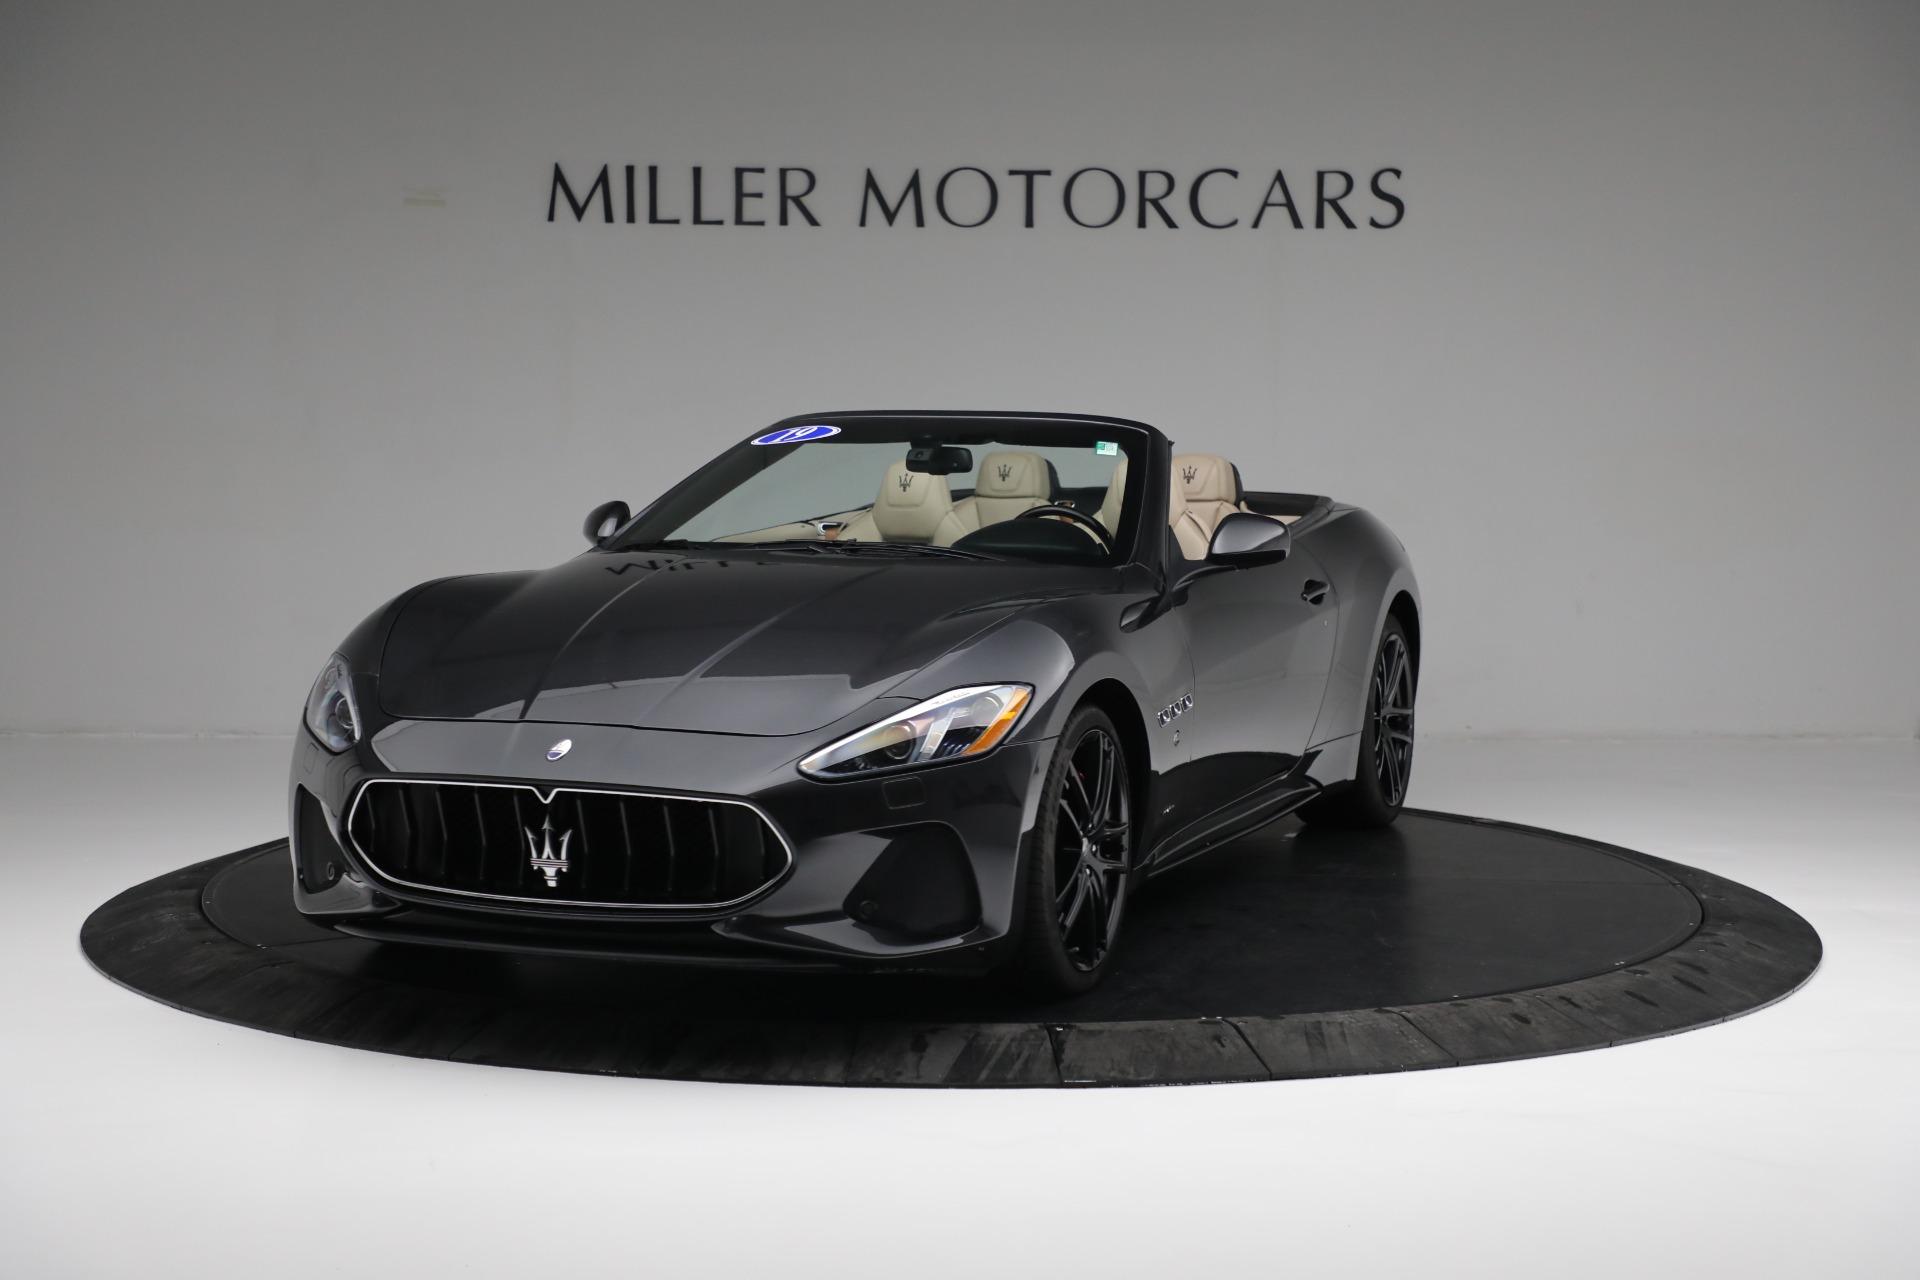 New 2019 Maserati GranTurismo Sport Convertible for sale Sold at Bugatti of Greenwich in Greenwich CT 06830 1